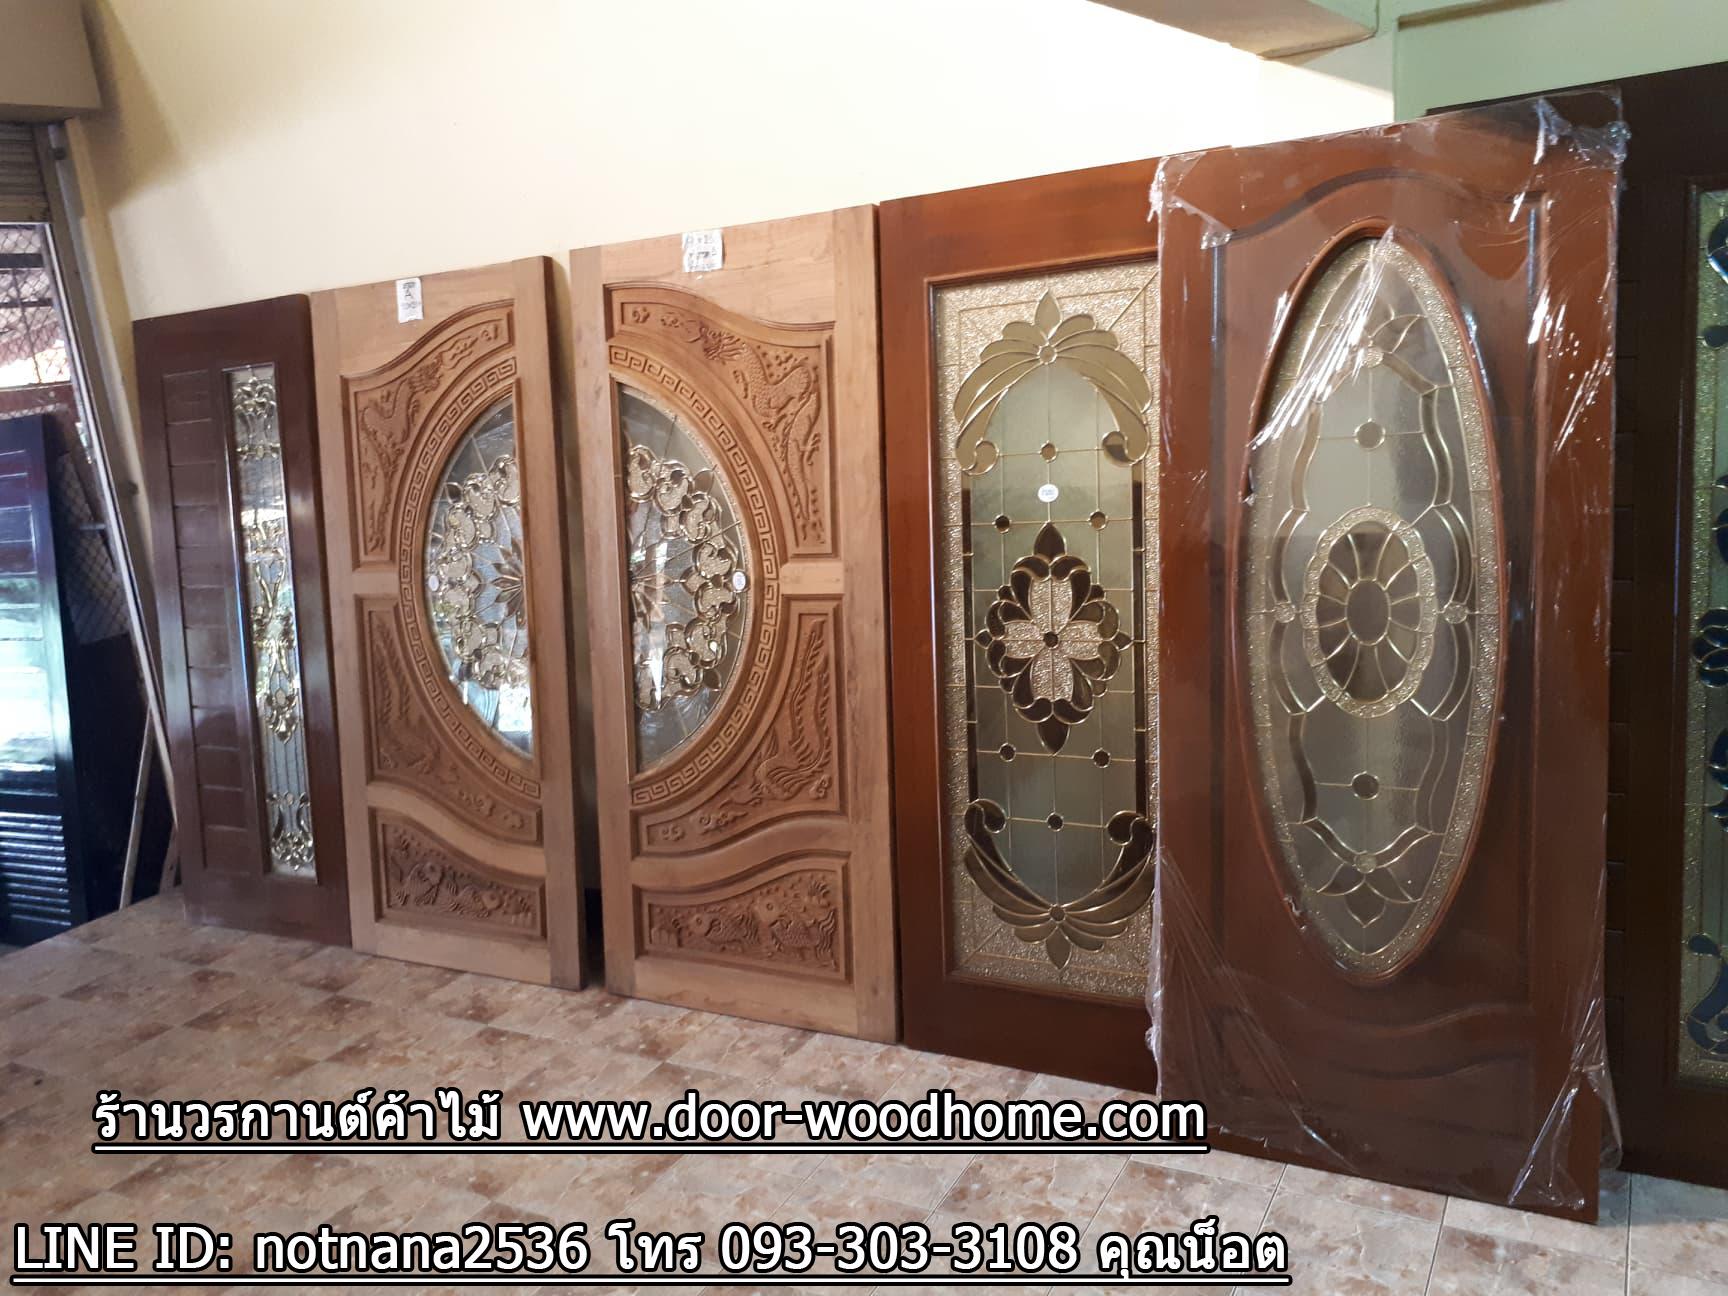 ประตูไม้สักกระจกนิรภัย แกะมังกร,หงส์,ปลา ชุด4ชิ้น รหัส AAA115